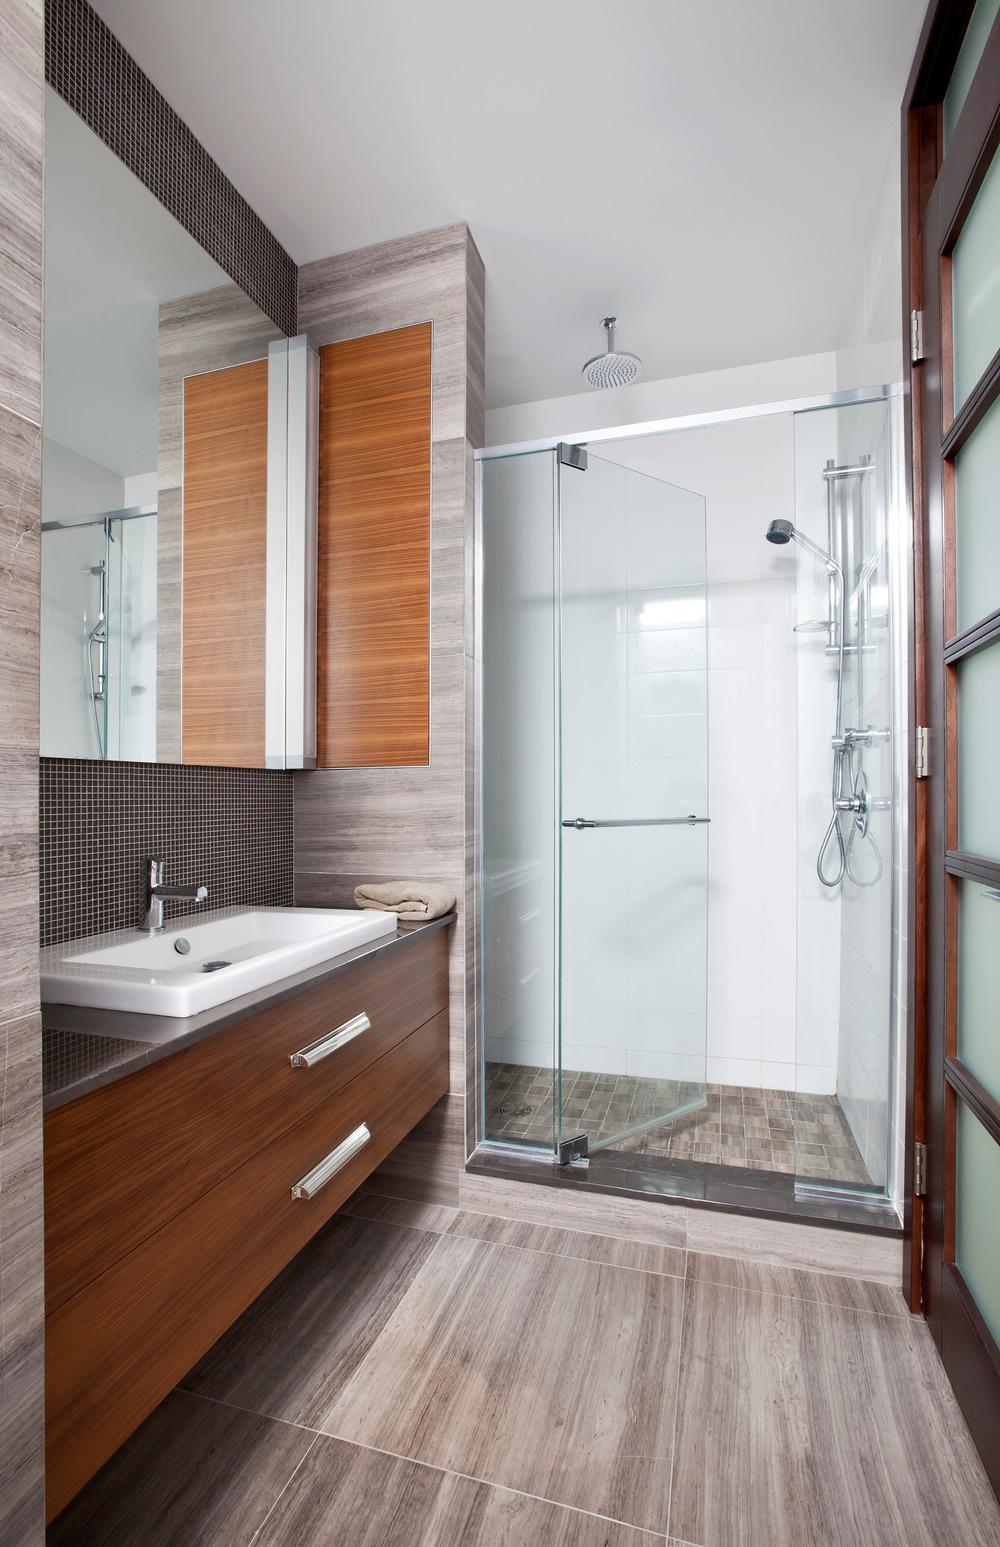 Kúpeľňa ladí s celkovým poňatím domu: jednoduché, funkčné riešenia, tlmené prírodné odtiene, praktické a kvalitné materiály (drevo, kov, sklo).